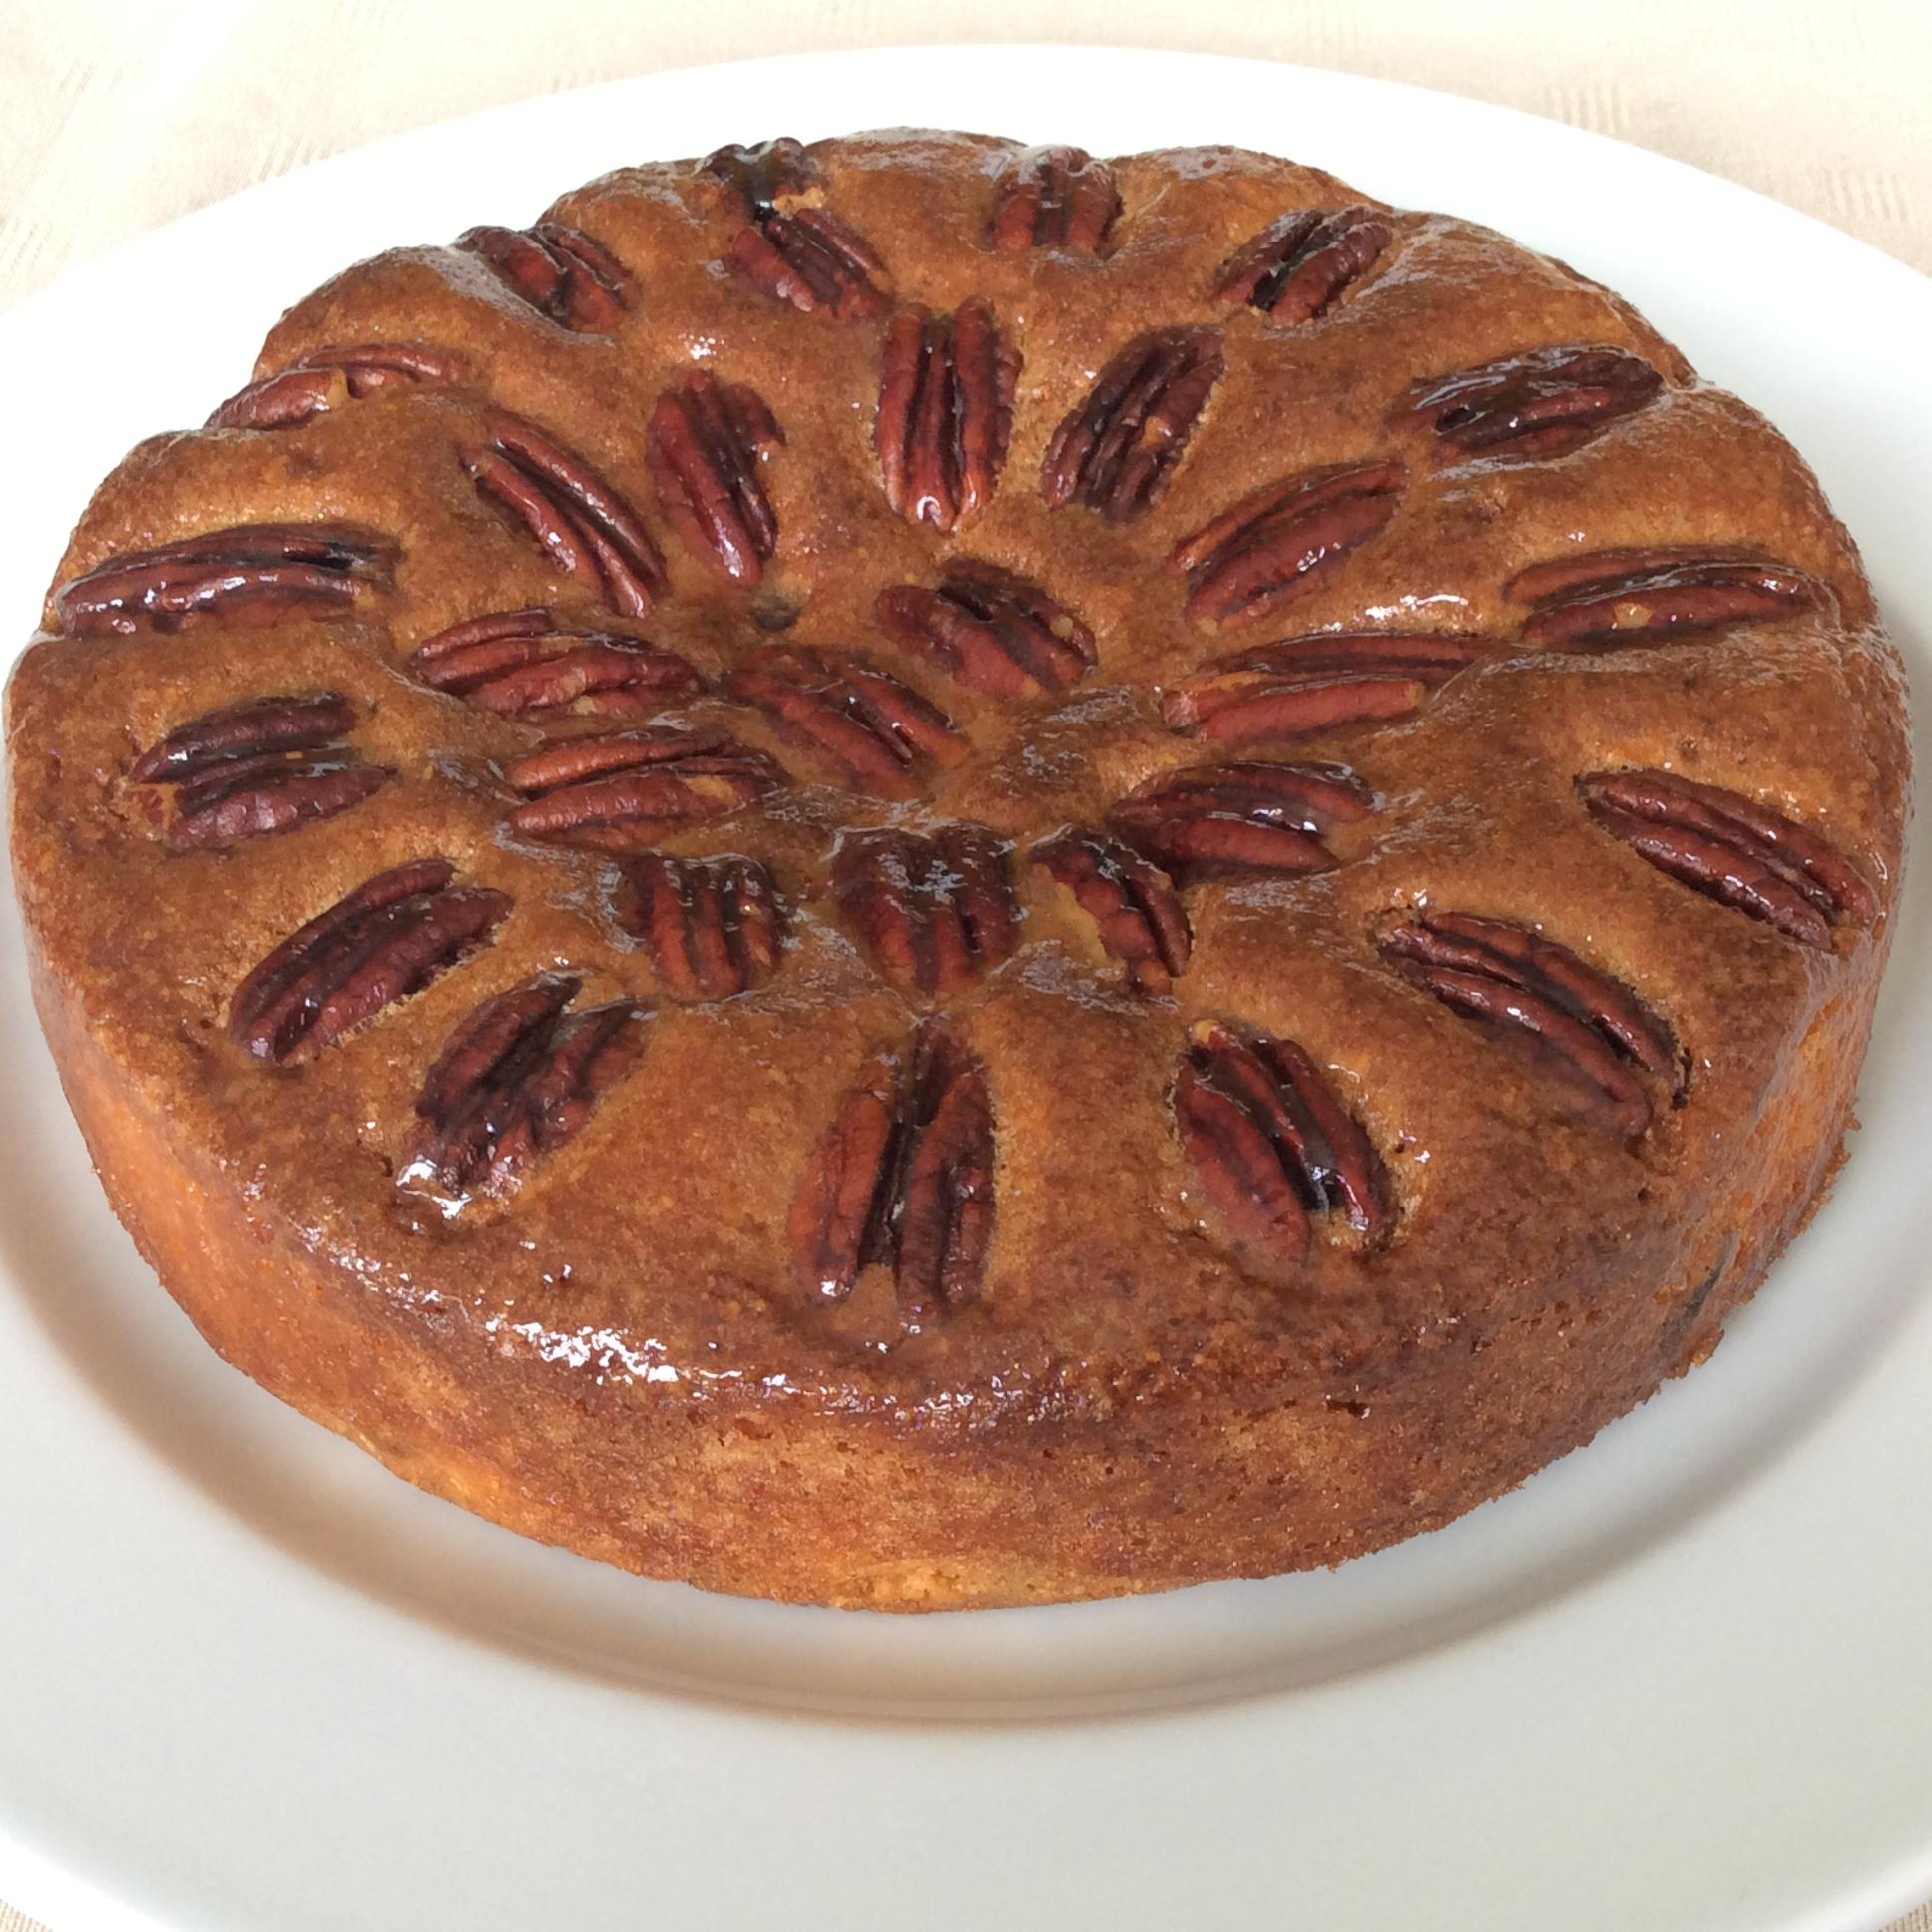 Amandelgebak met pecannoten (18 cm diameter) Image